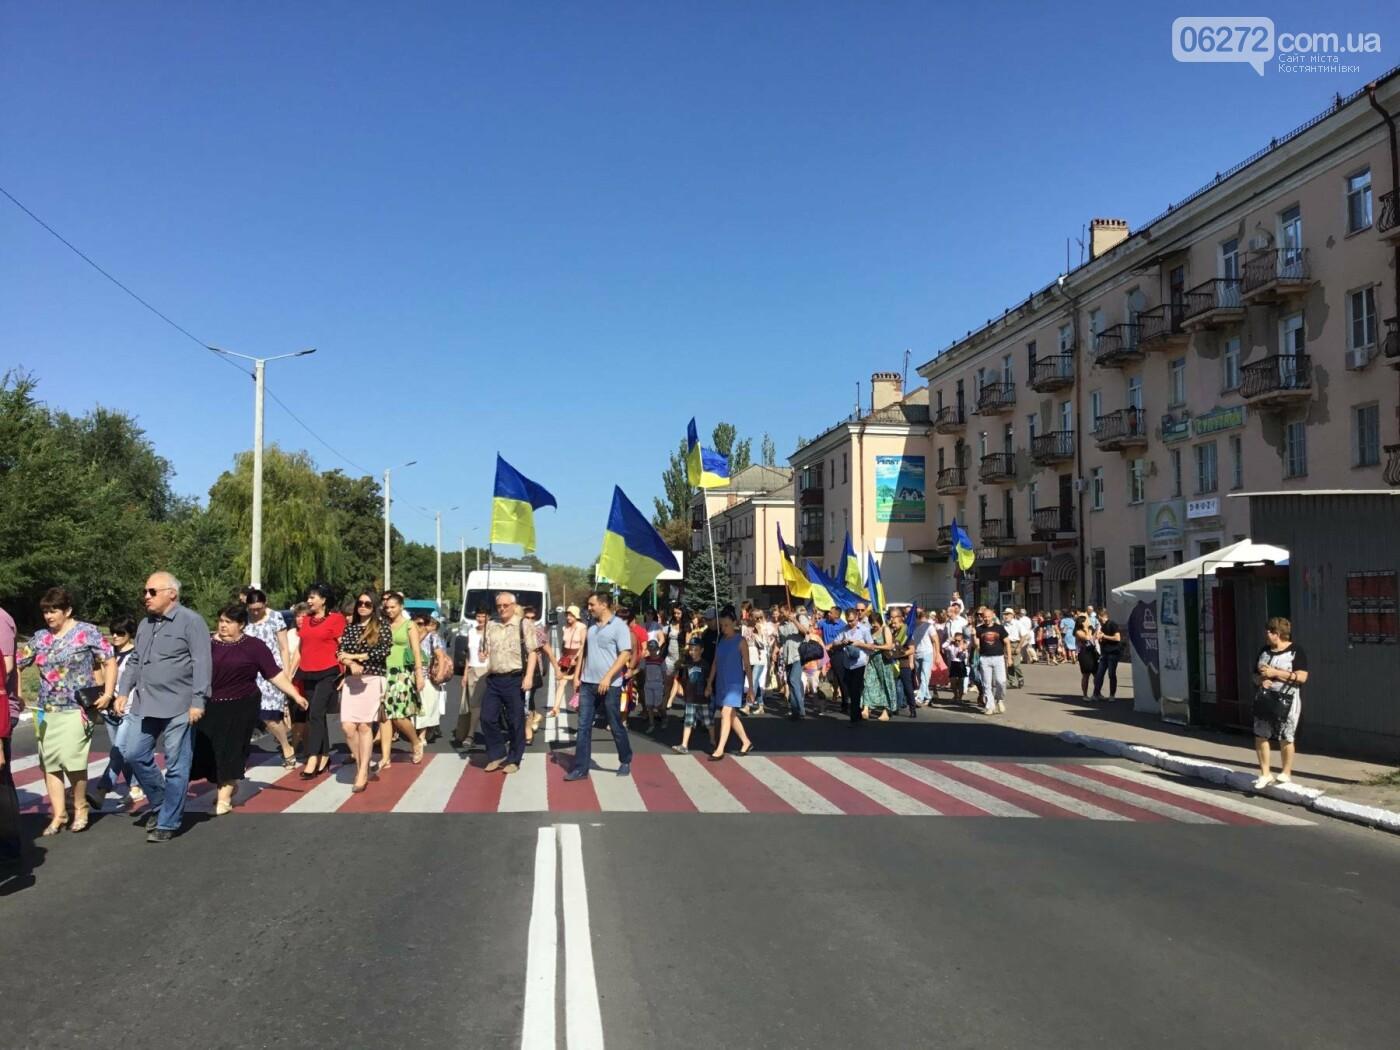 Святкова хода у Костянтинівці під гаслом «Заради миру», фото-1